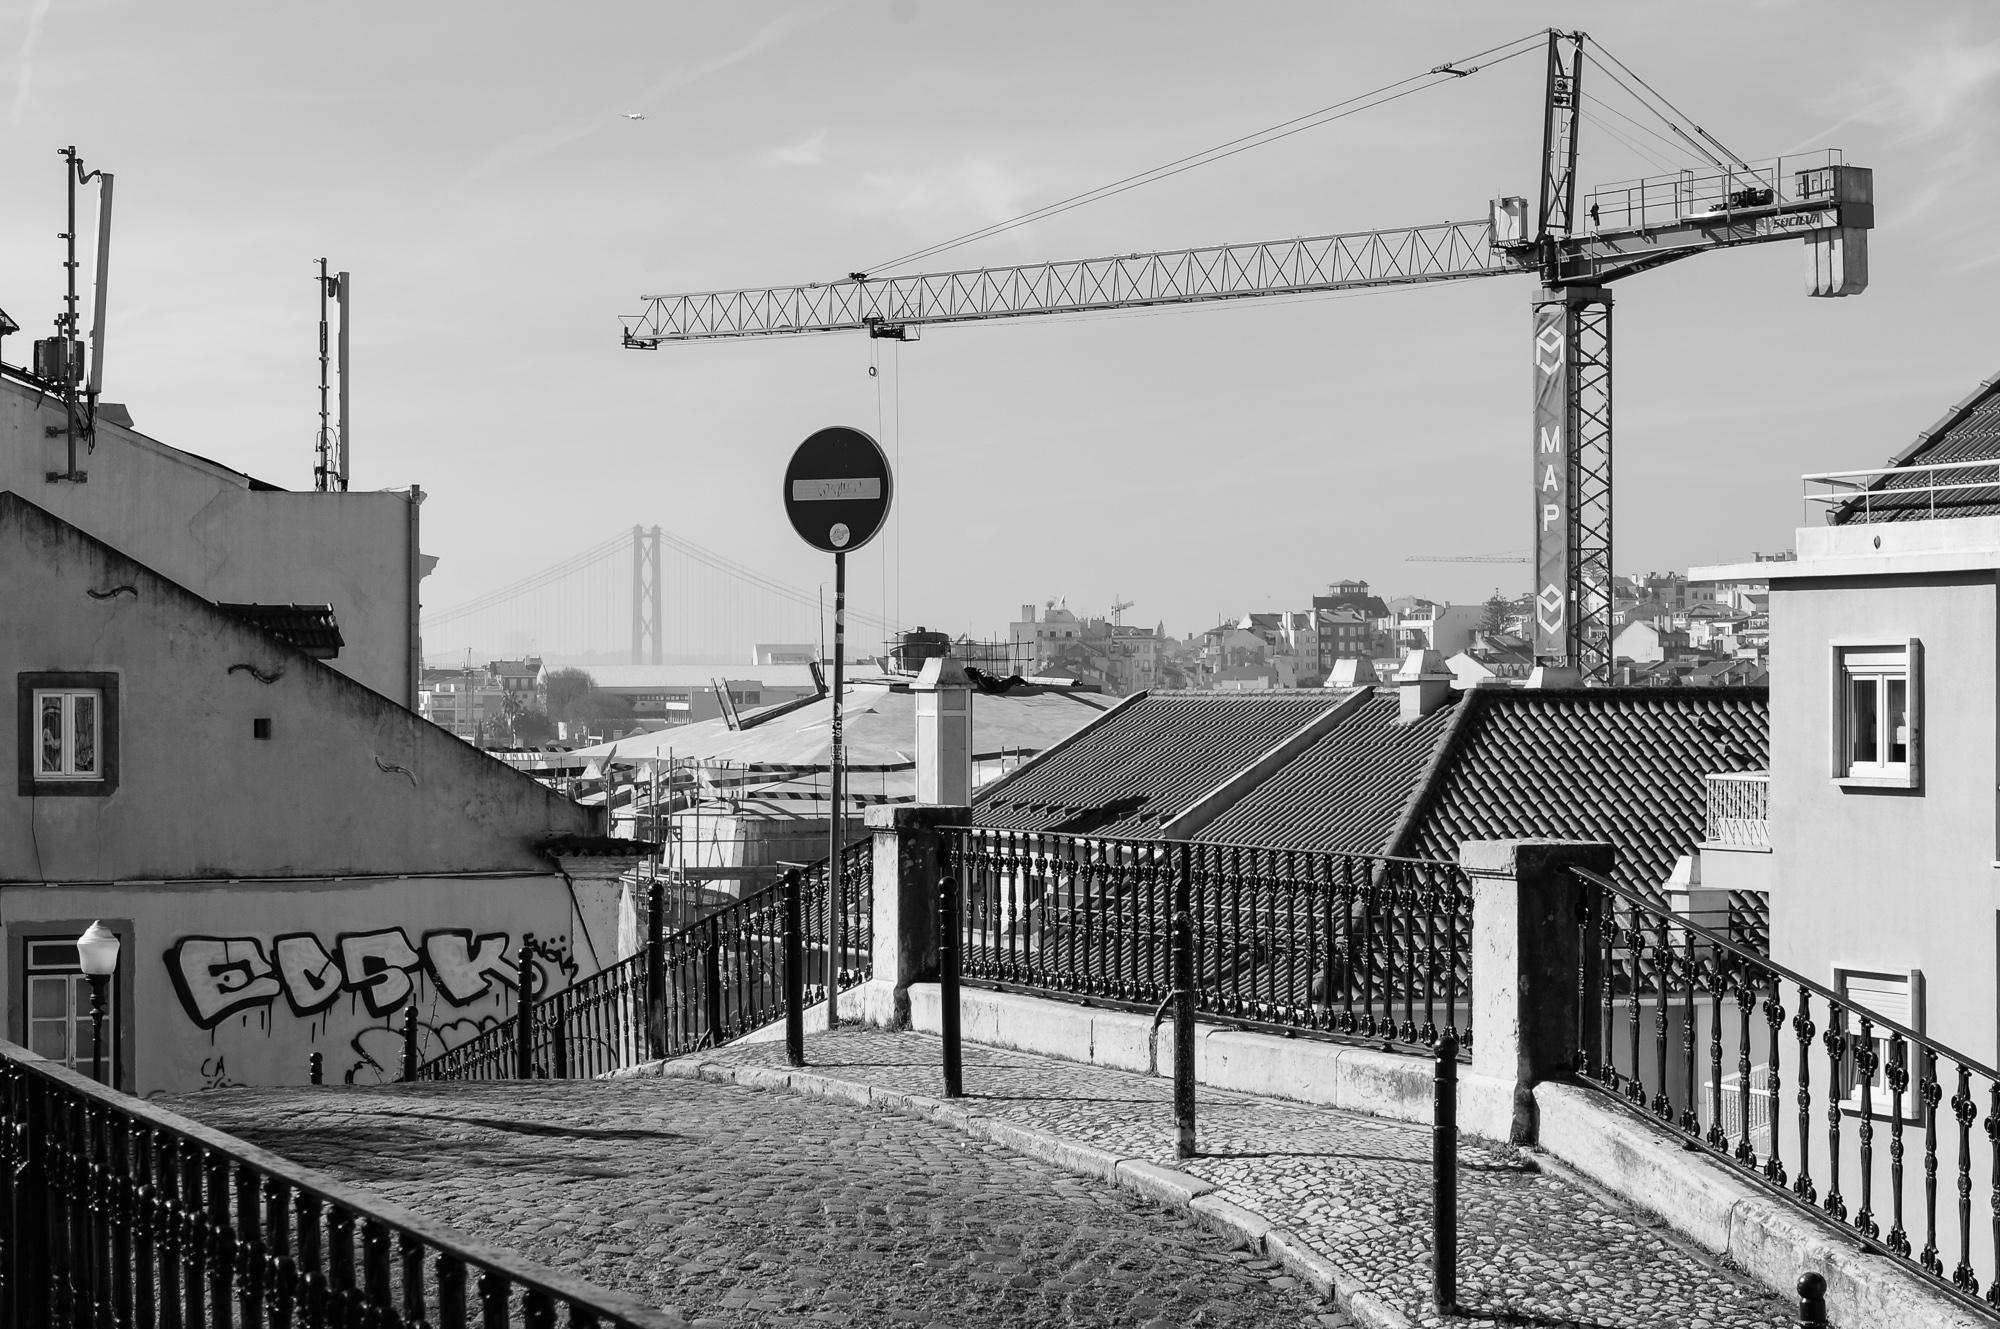 Lisbon view with ponte 25 de Abril, 2019